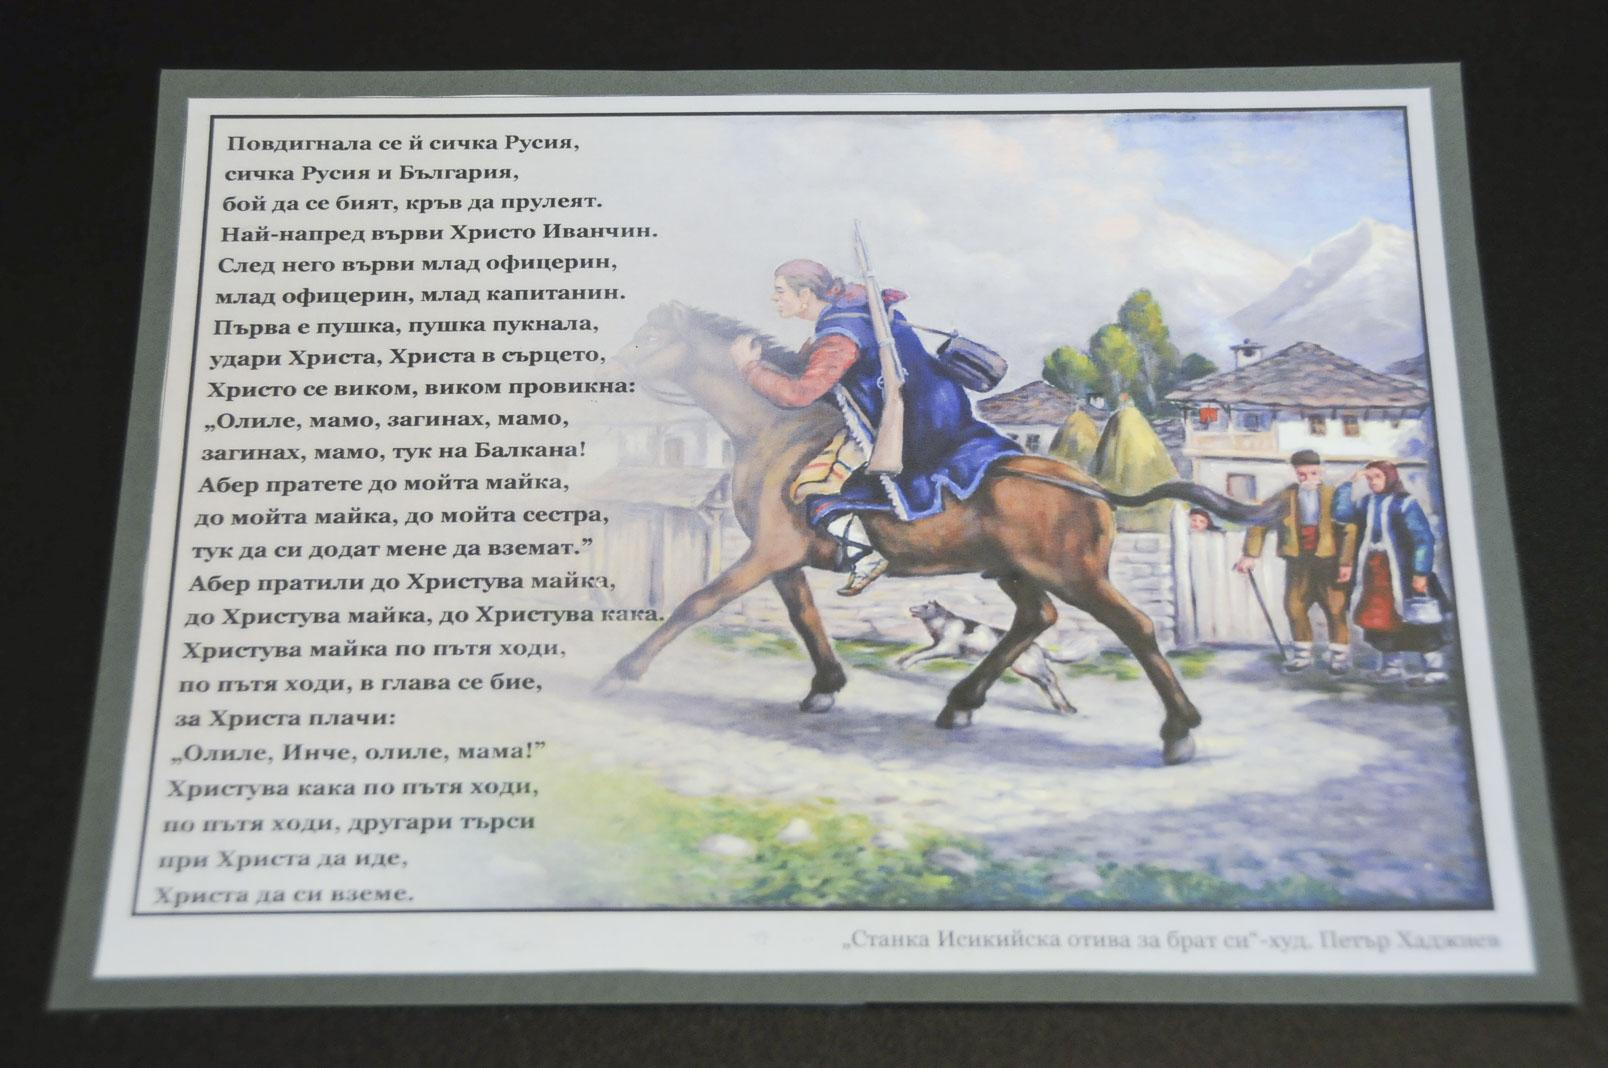 troyan-museum-osvobozhdenieto-3ti-mart-8